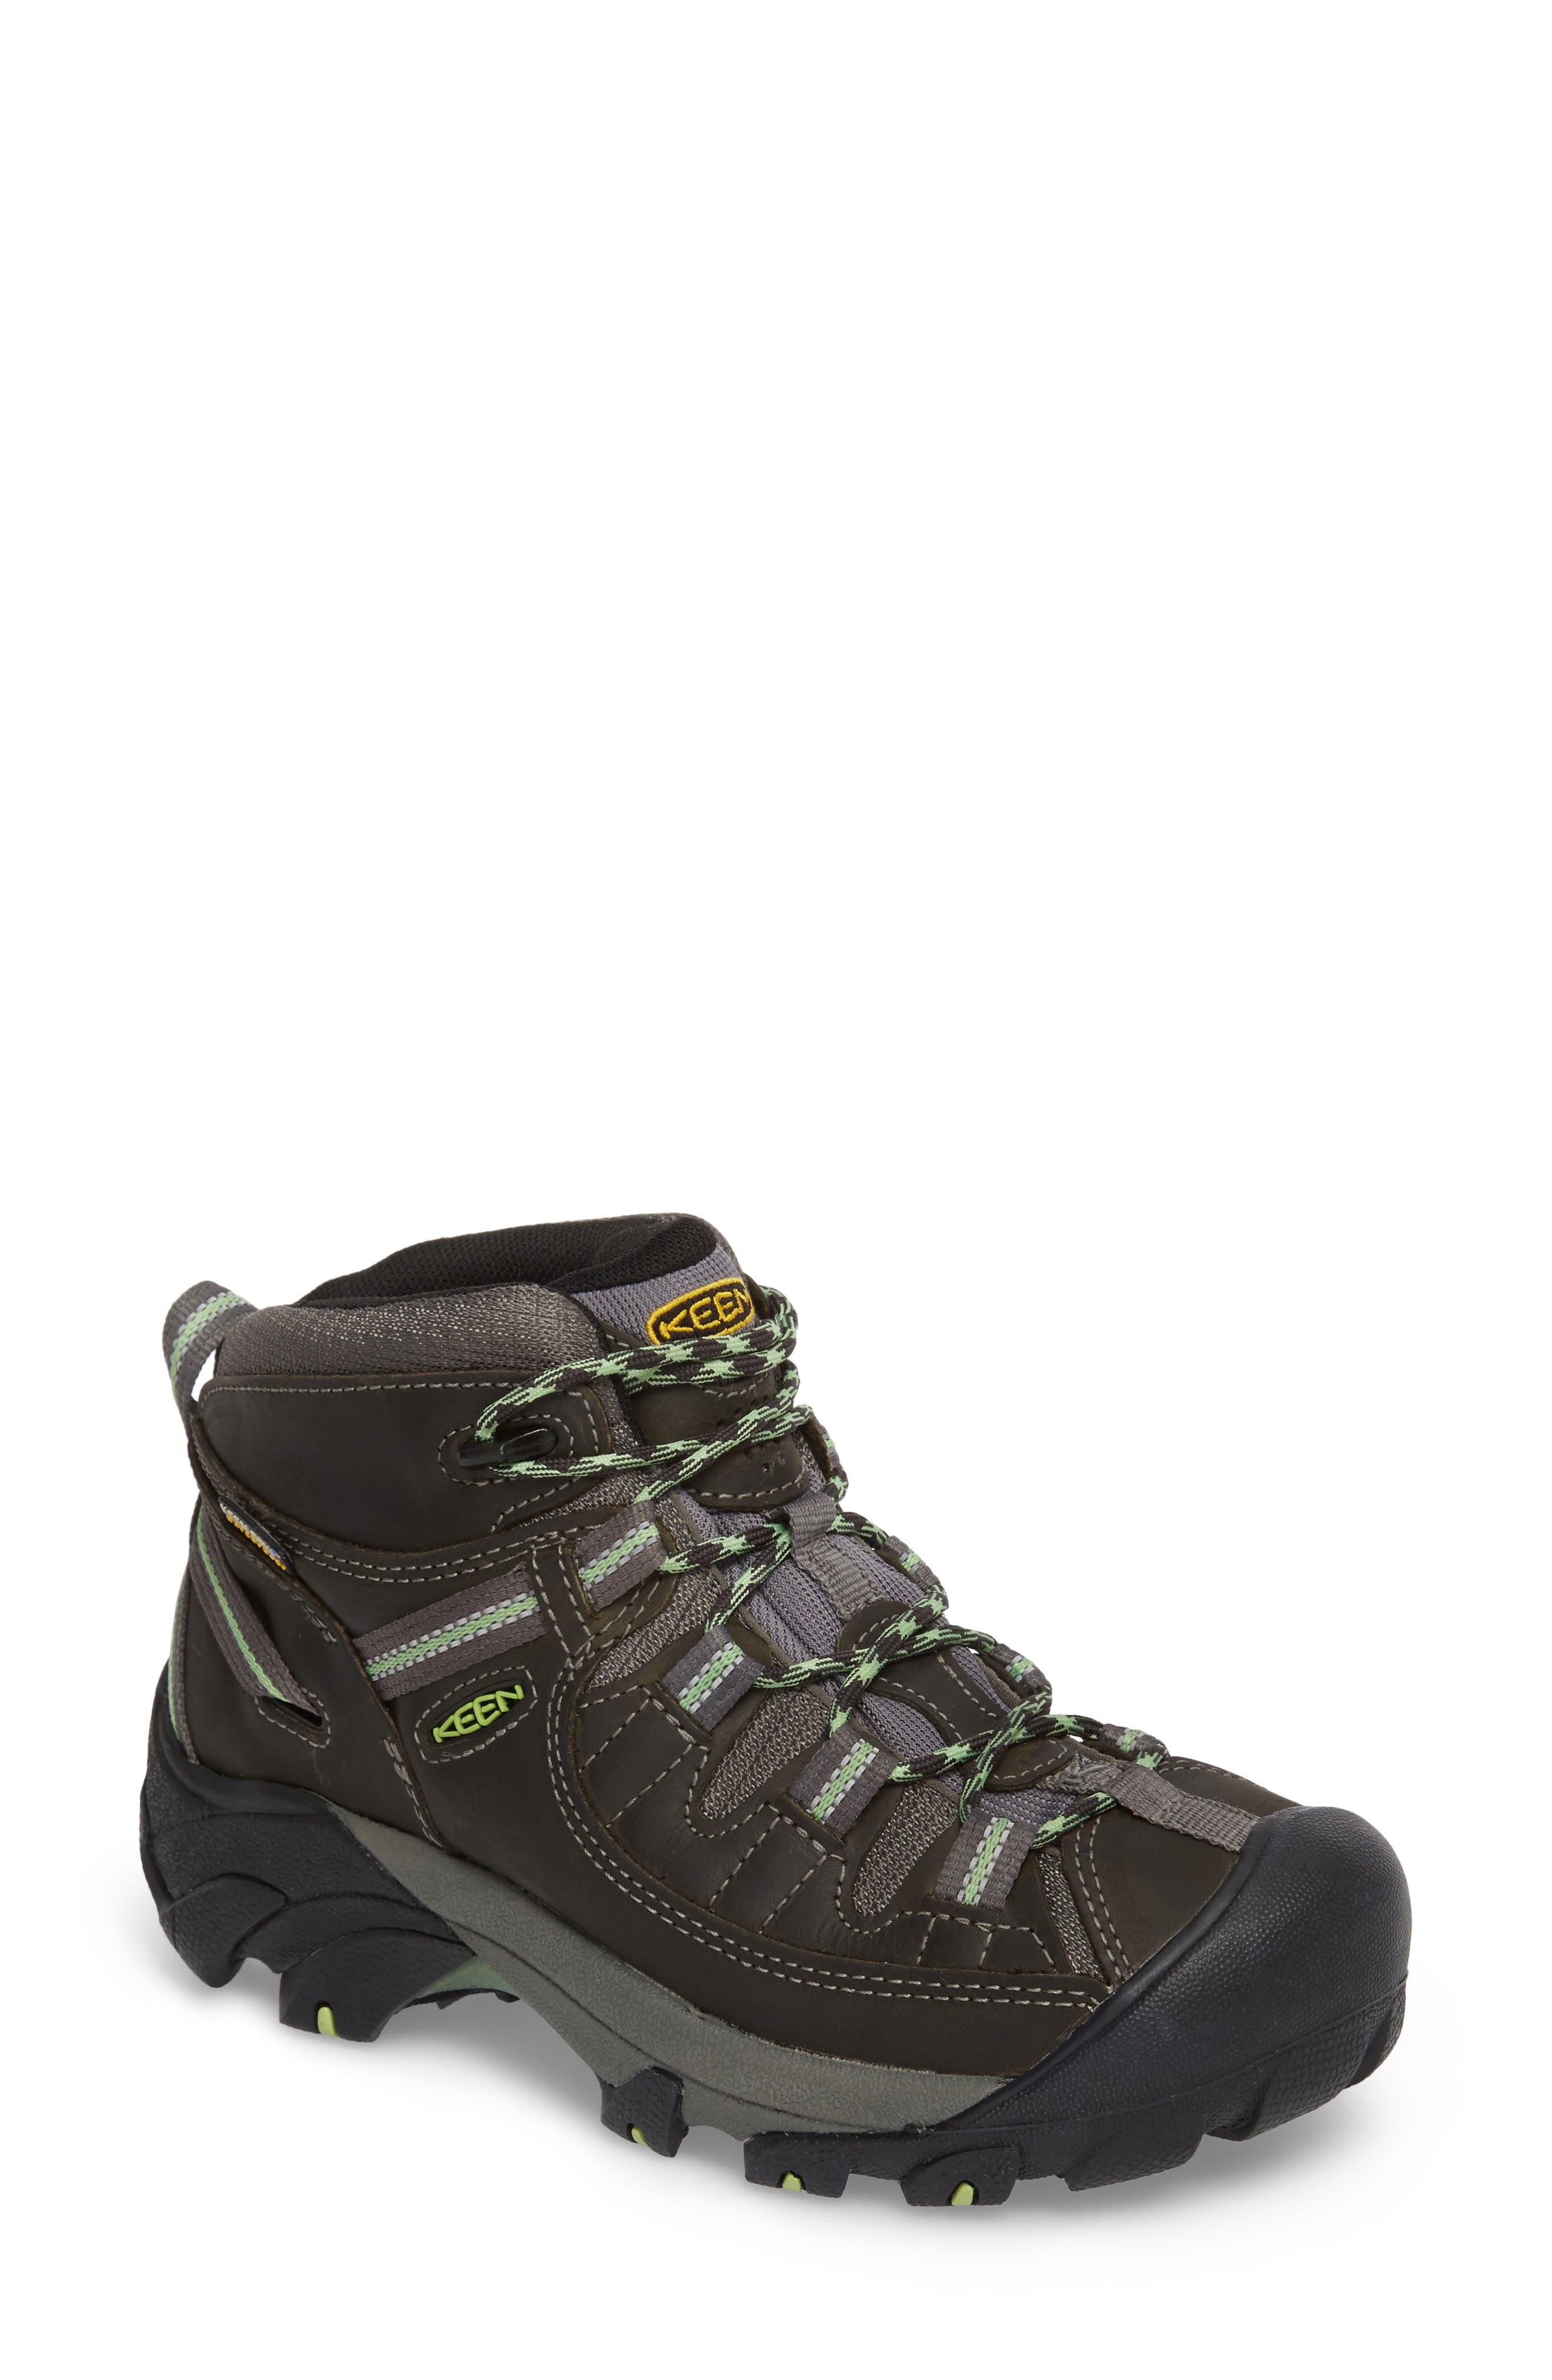 Keen Targhee Ii Mid Waterproof Hiking Boot, Black